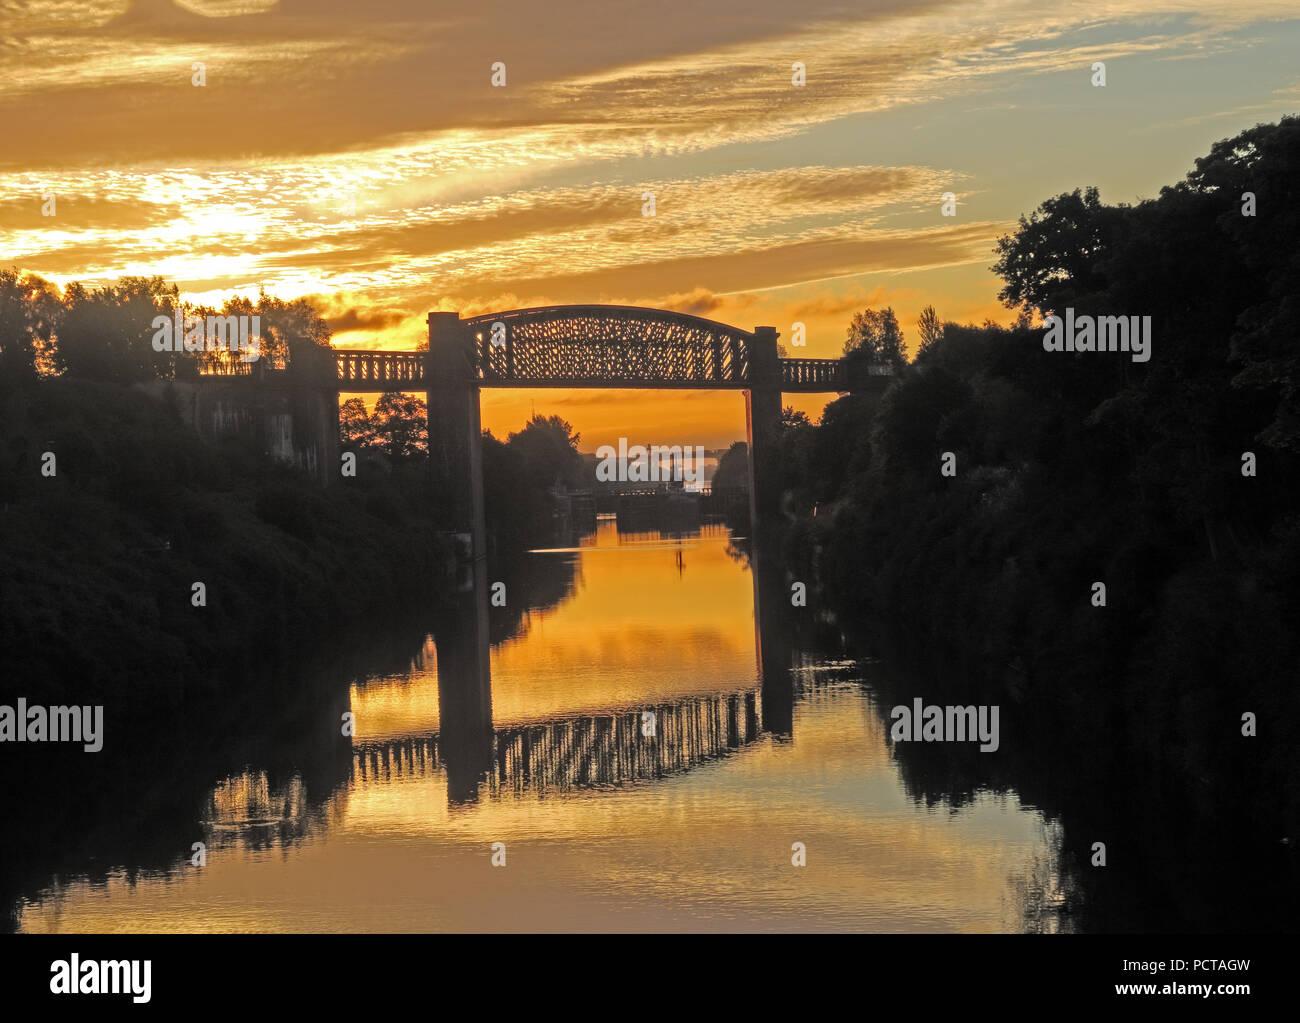 Sunrise at Latchford Locks, MSCC, Warrington, Cheshire, North West England, UK - Stock Image